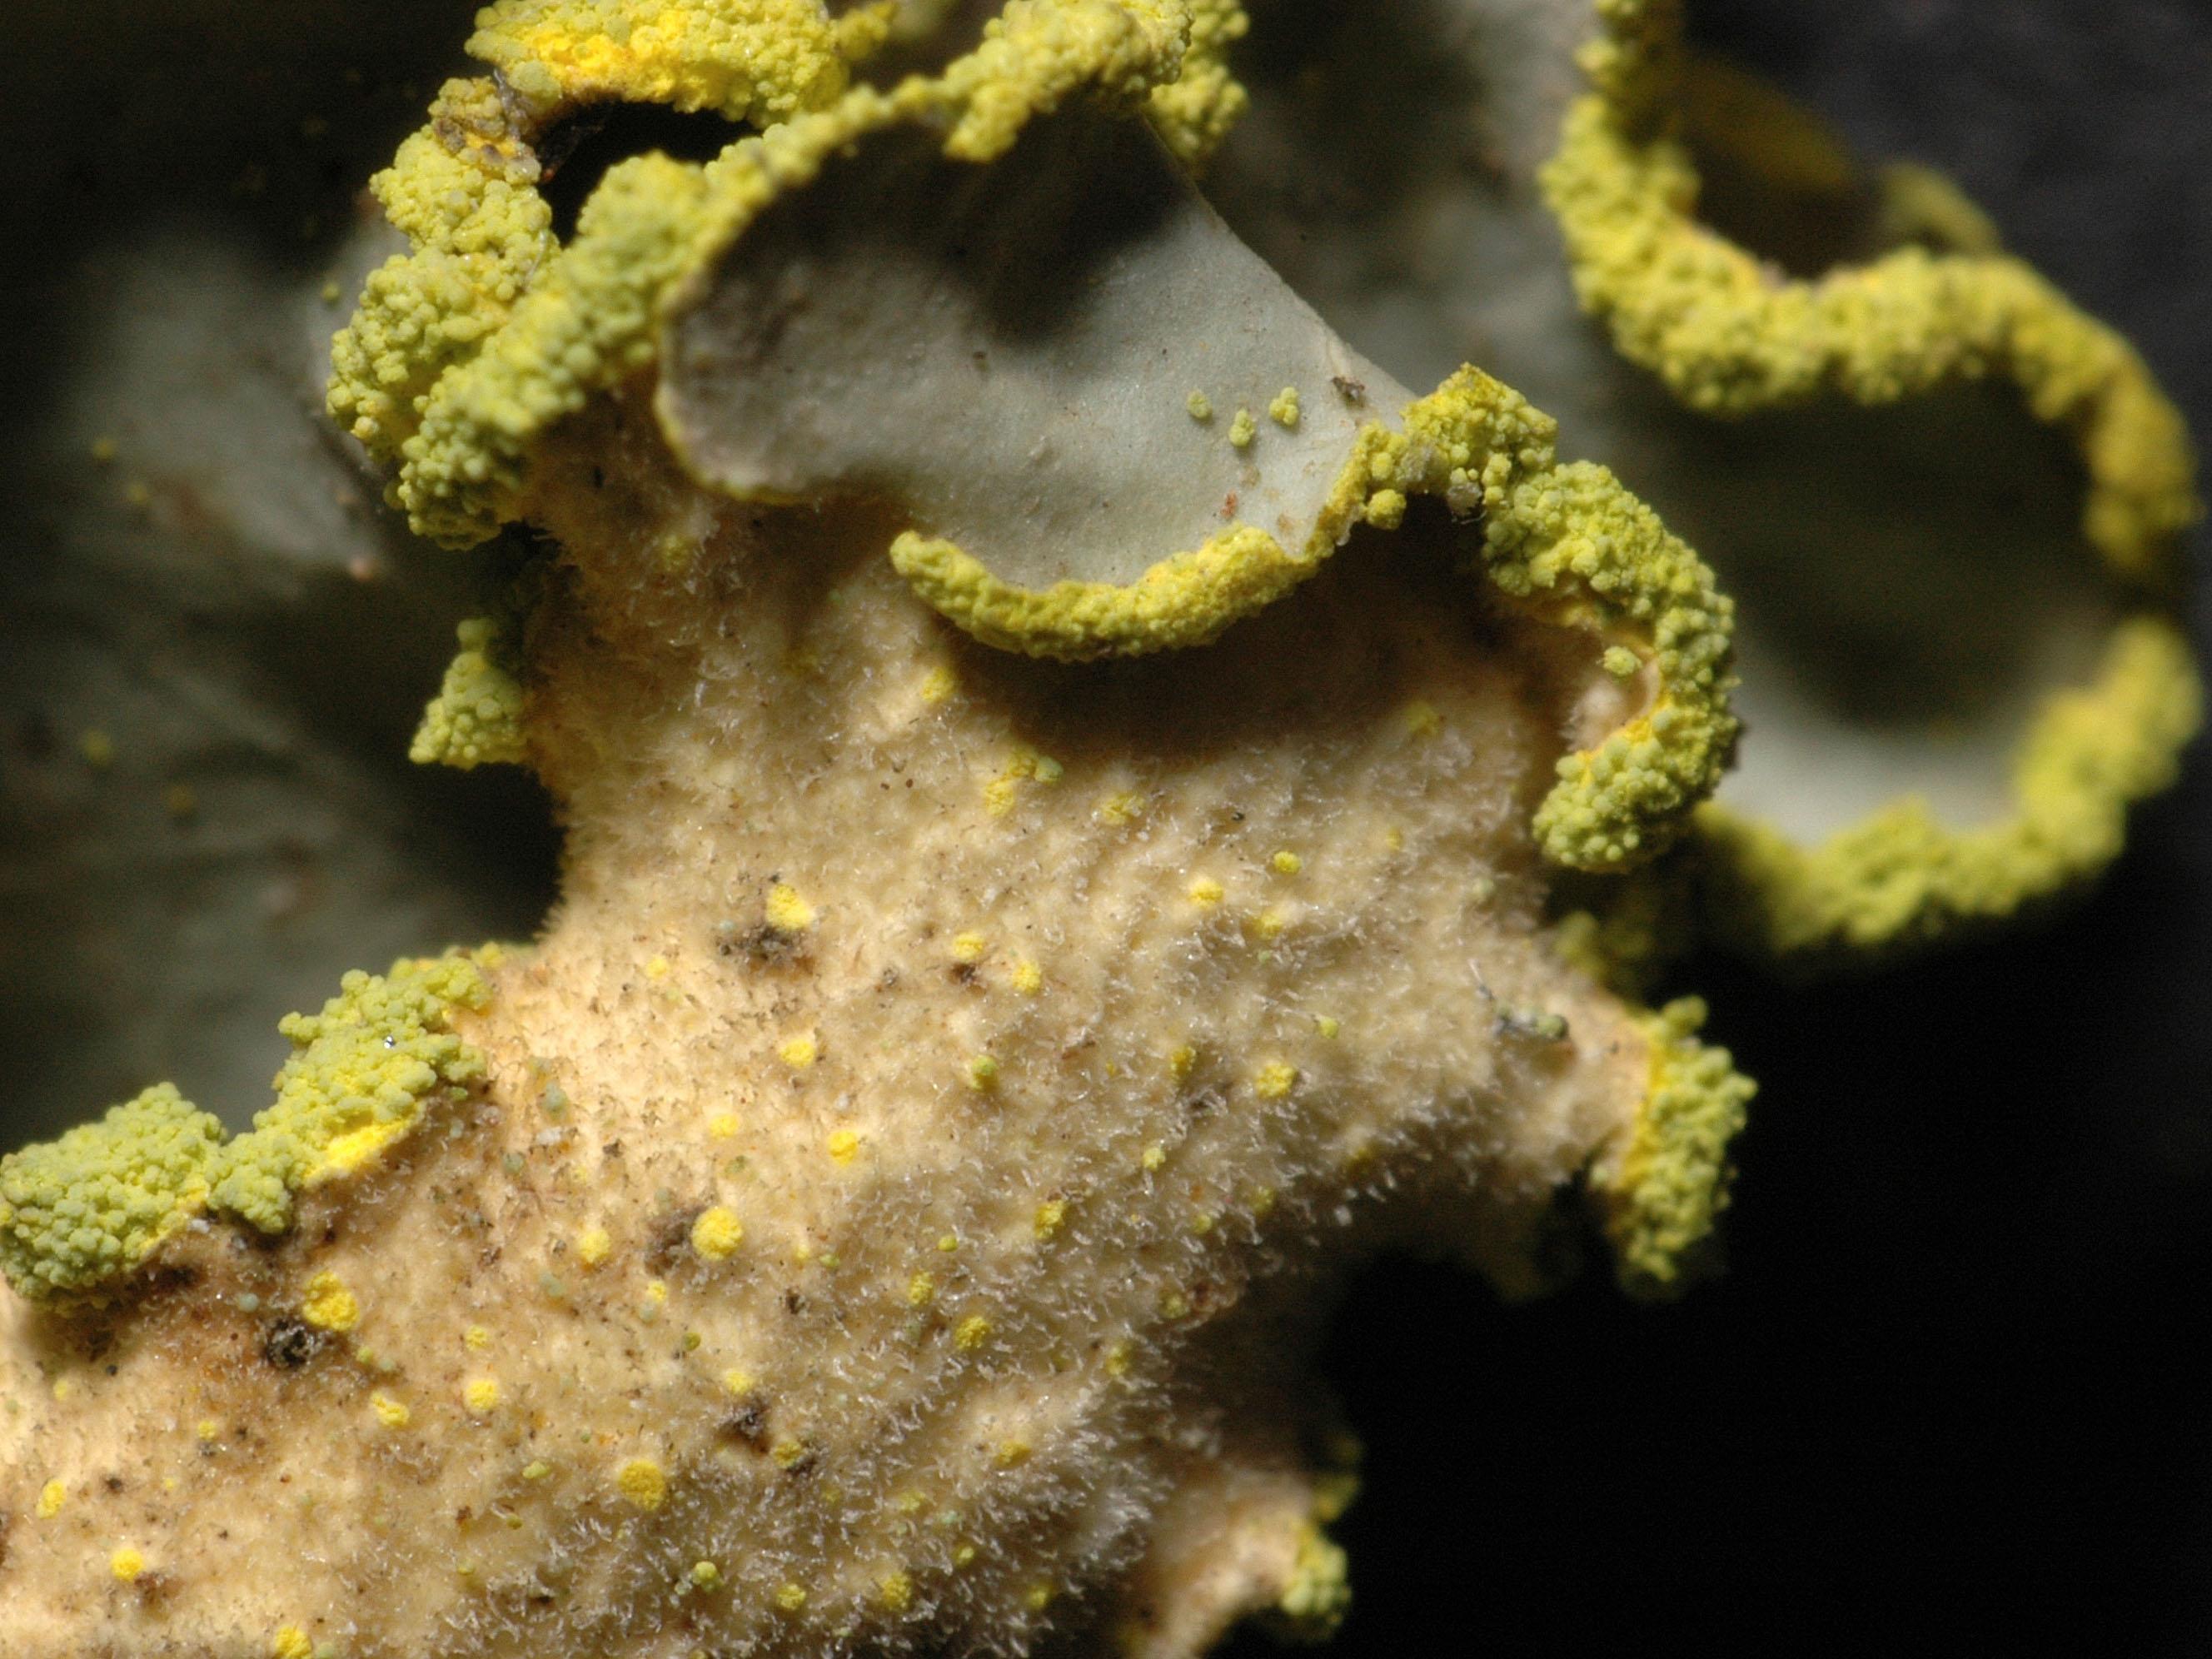 Pseudocyphellaria aurata